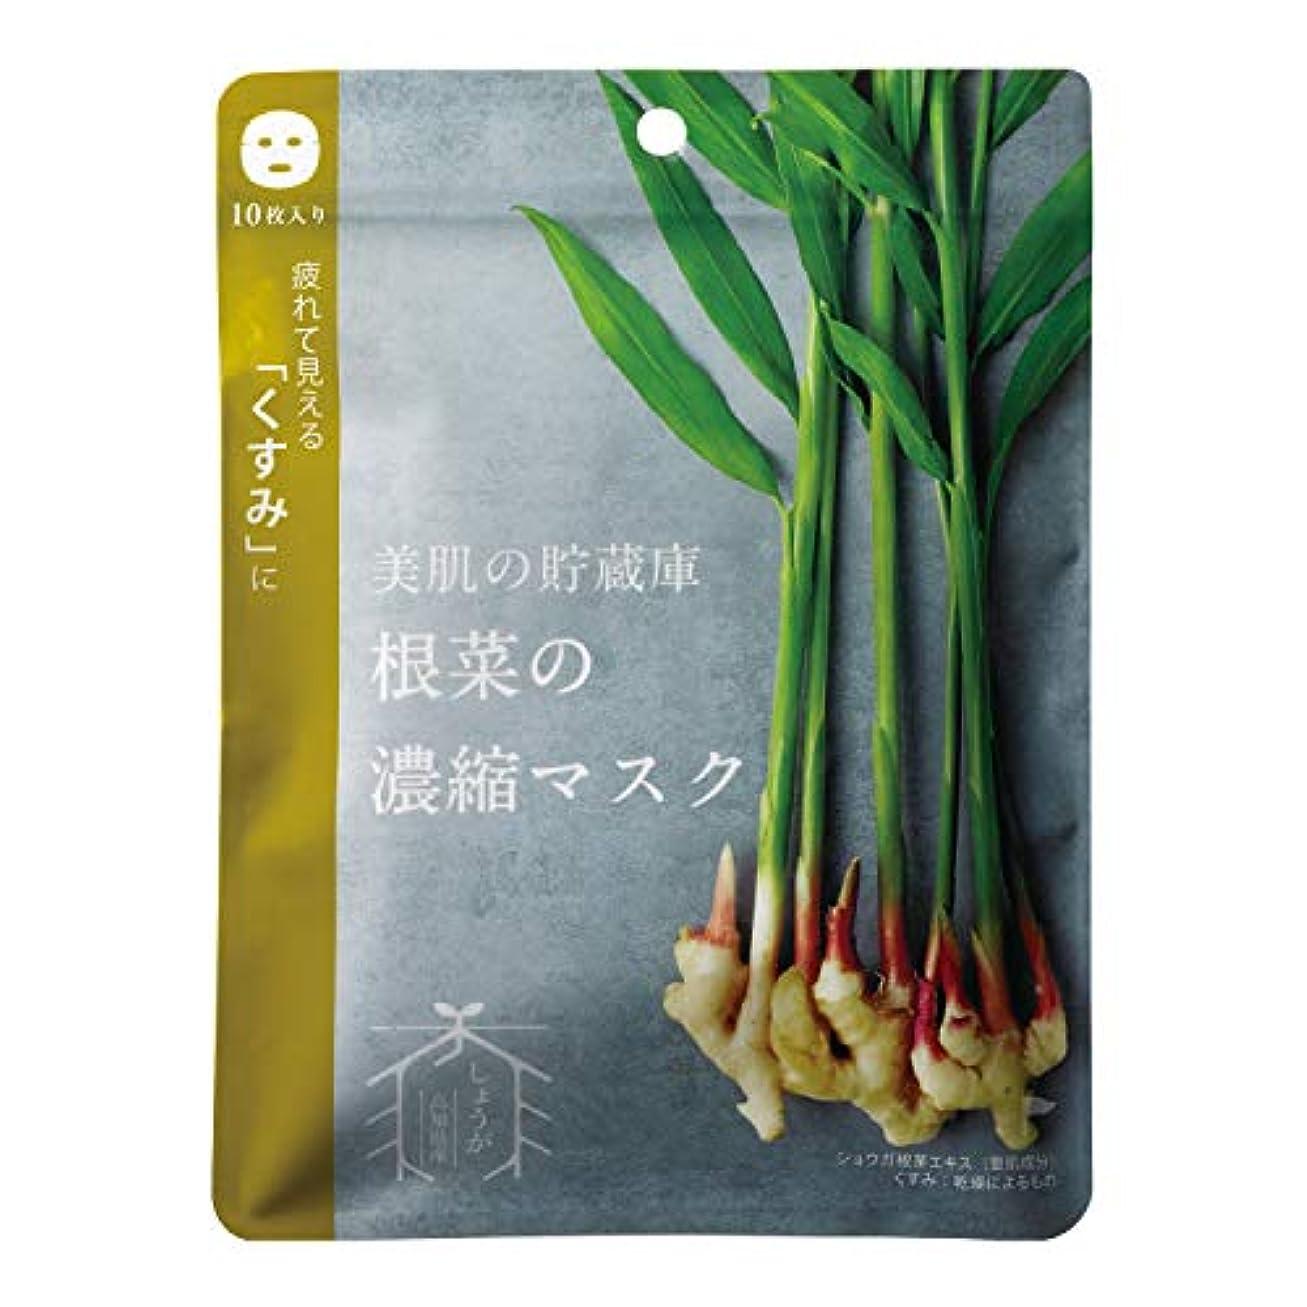 とげのある飢饉値下げ@cosme nippon 美肌の貯蔵庫 根菜の濃縮マスク 土佐一しょうが 10枚 160ml